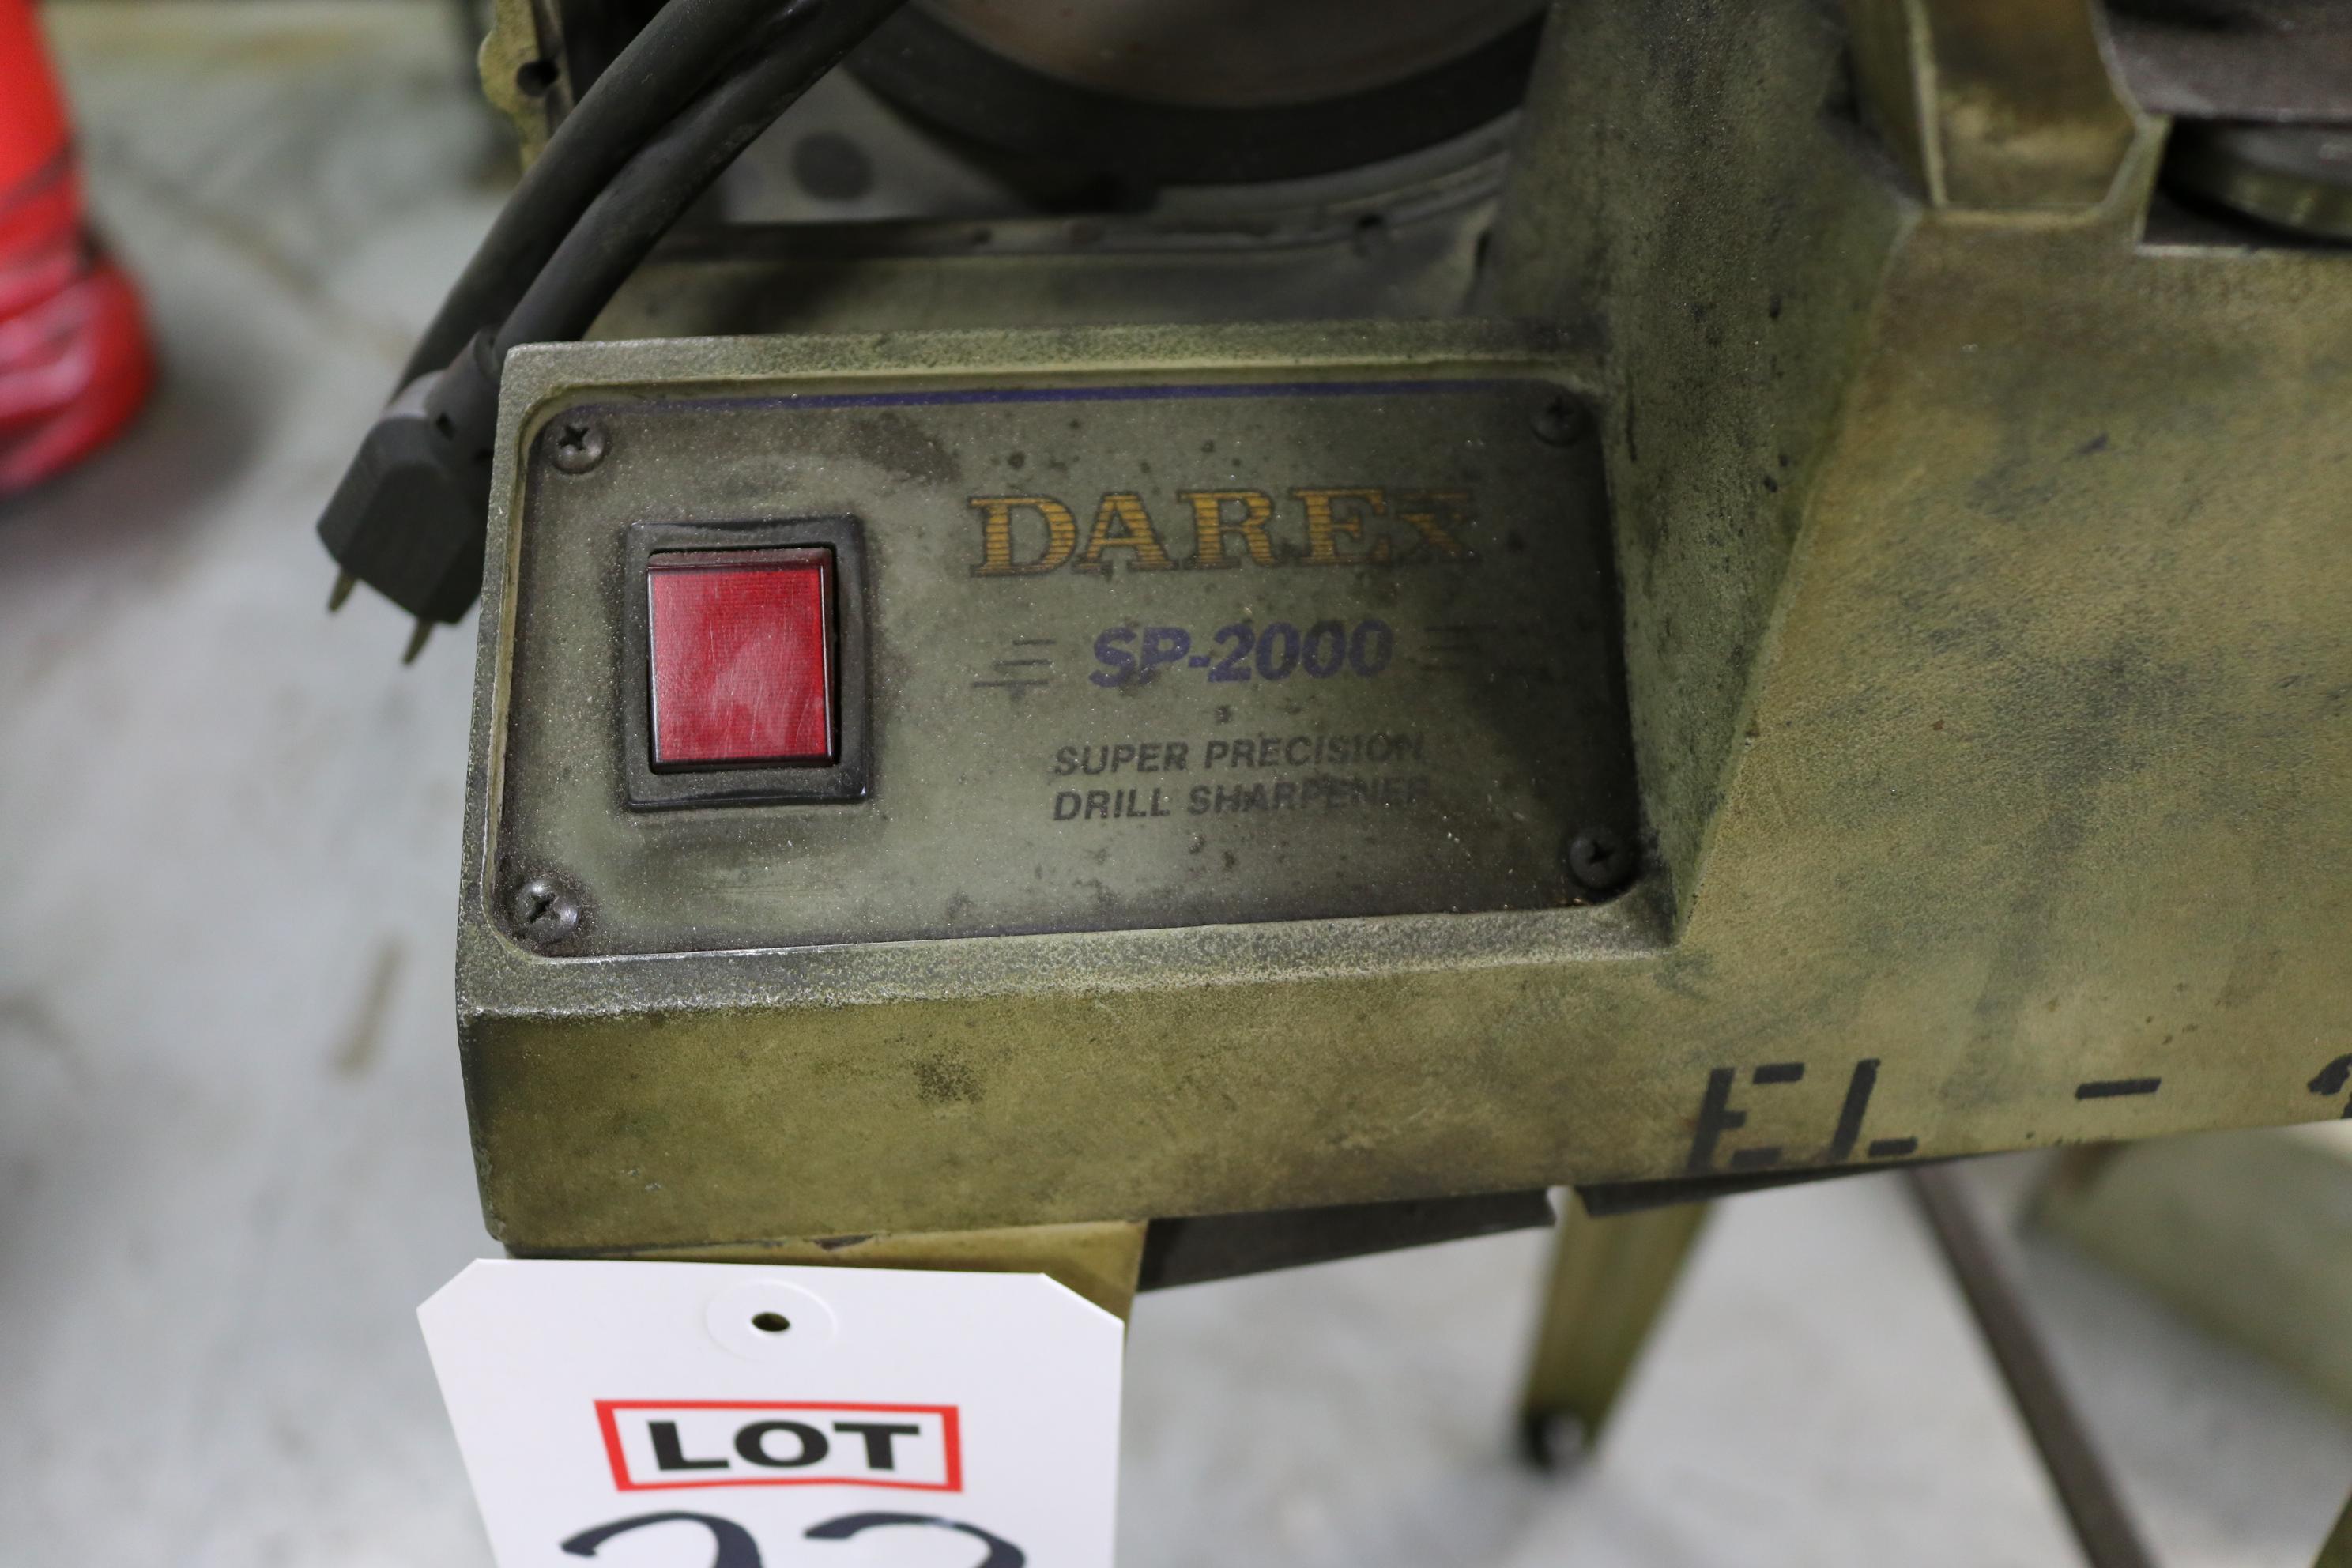 Lot 23 - DAREX SP-2000 TOOL SHARPENER